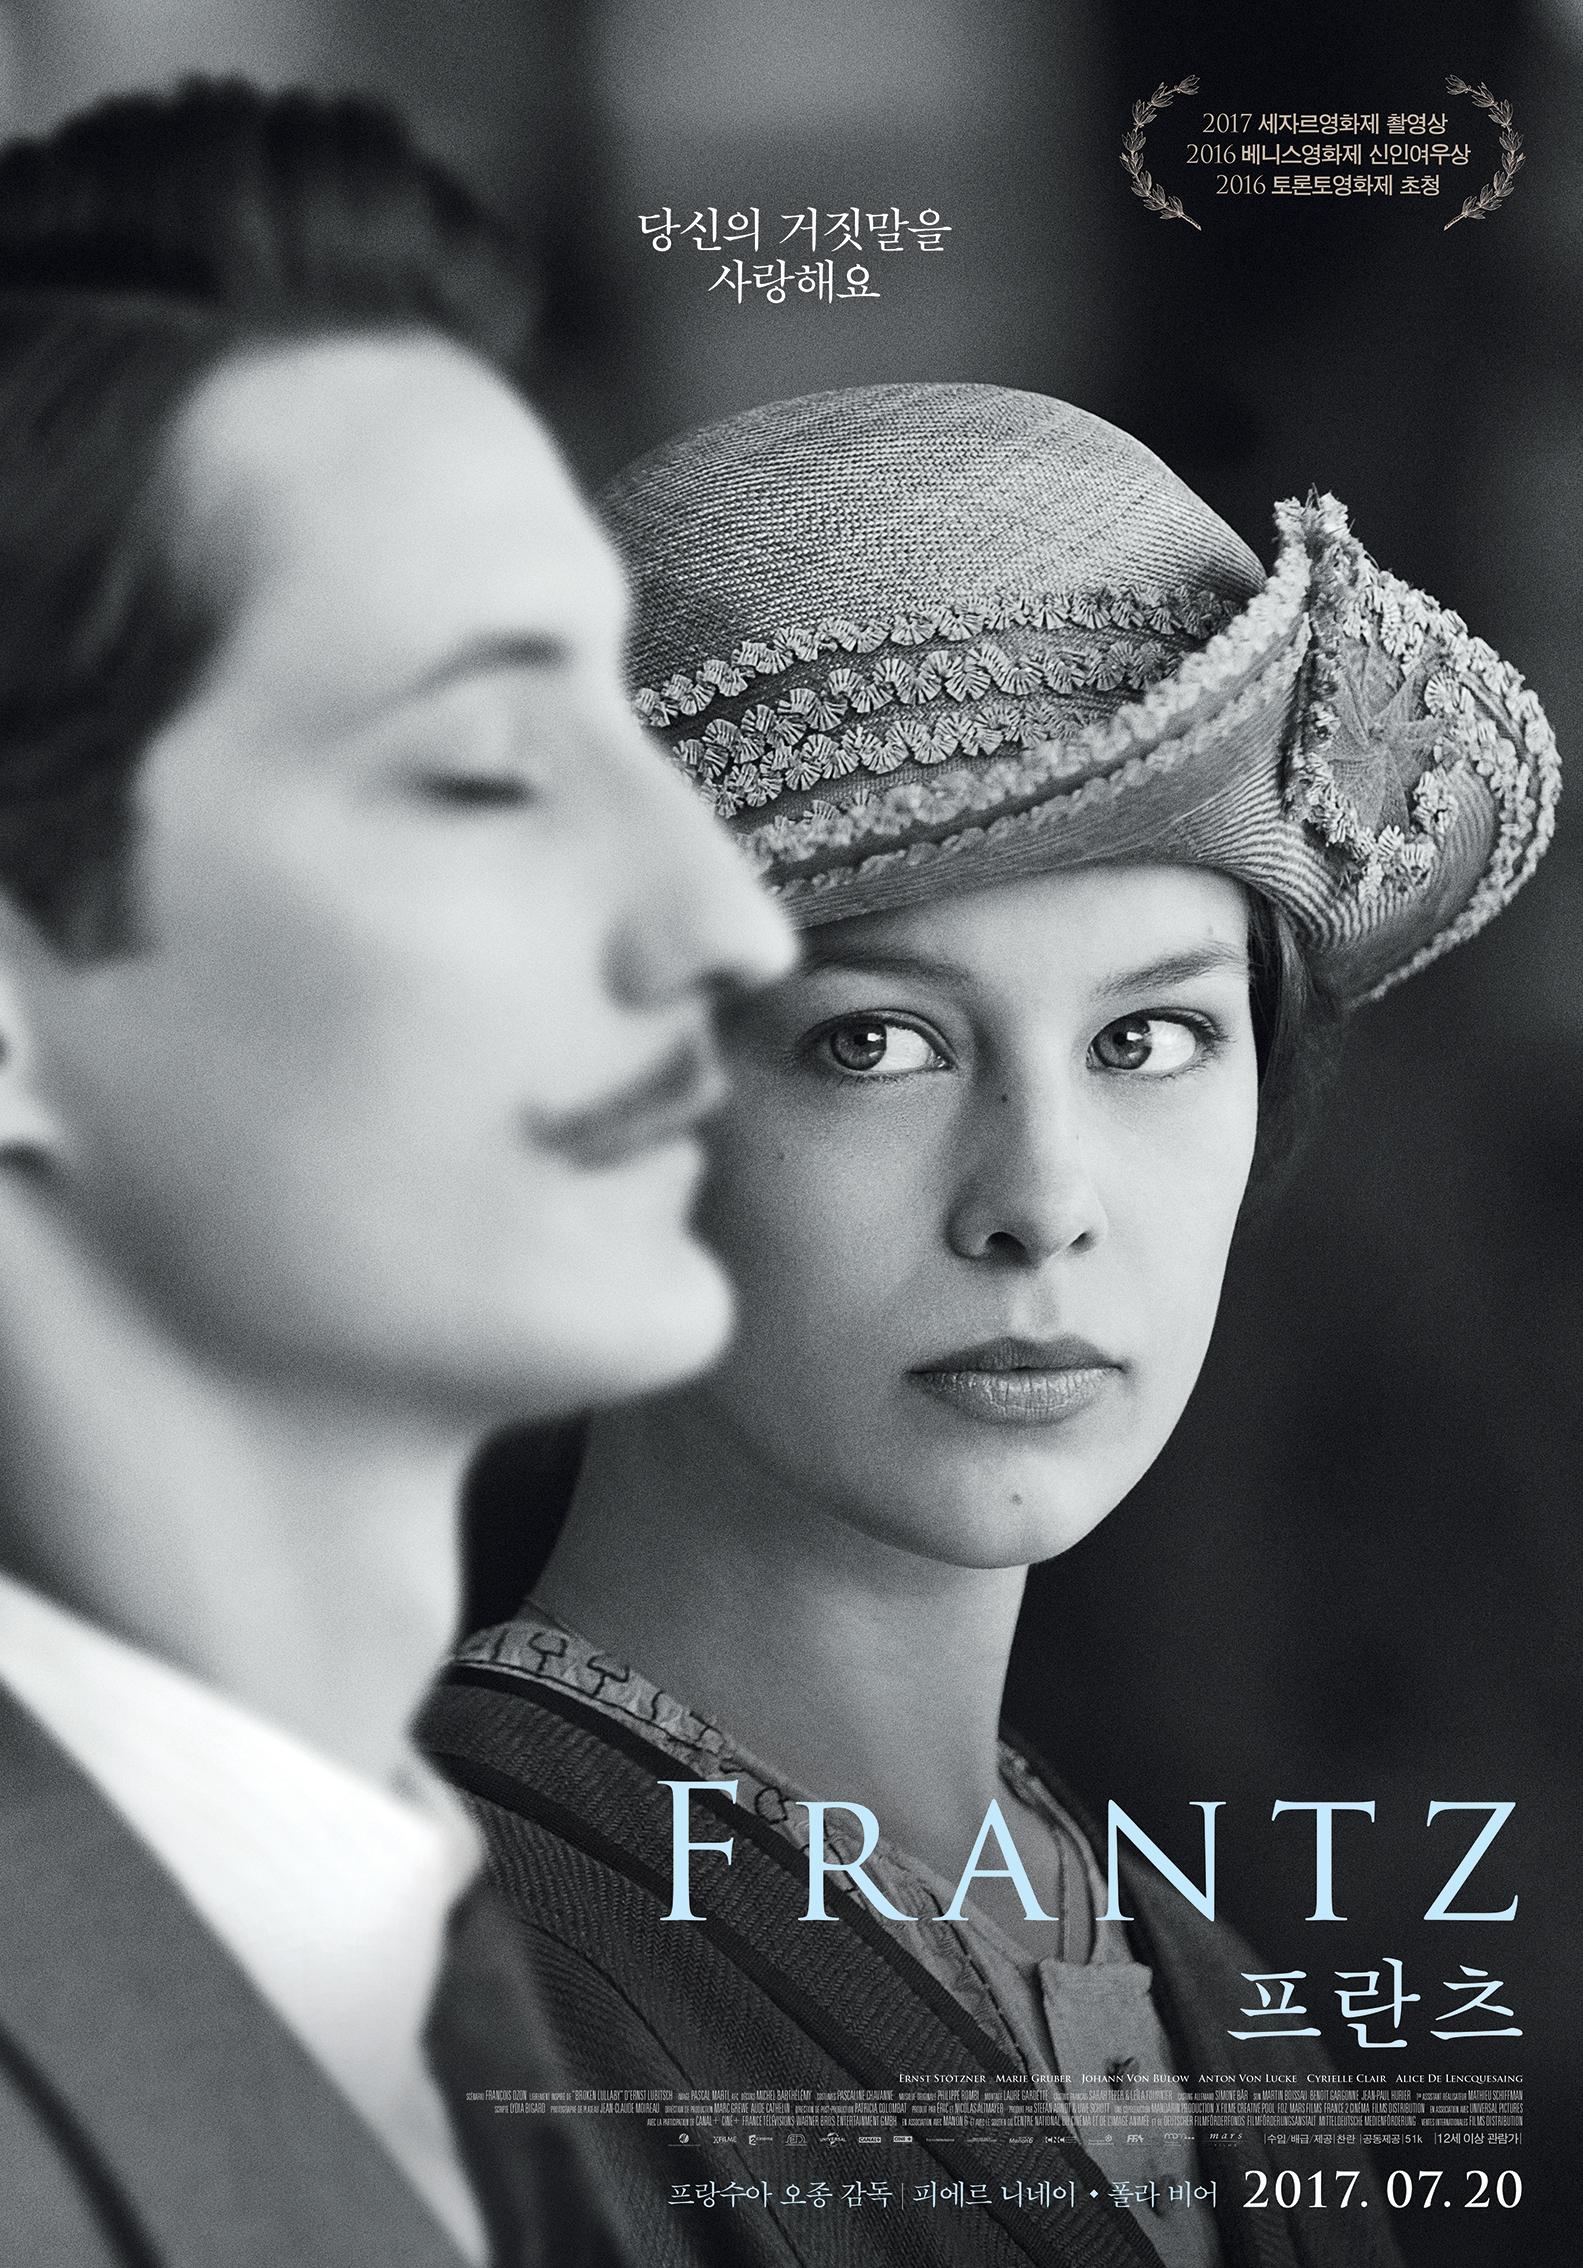 프란츠 (Frantz, 2017)